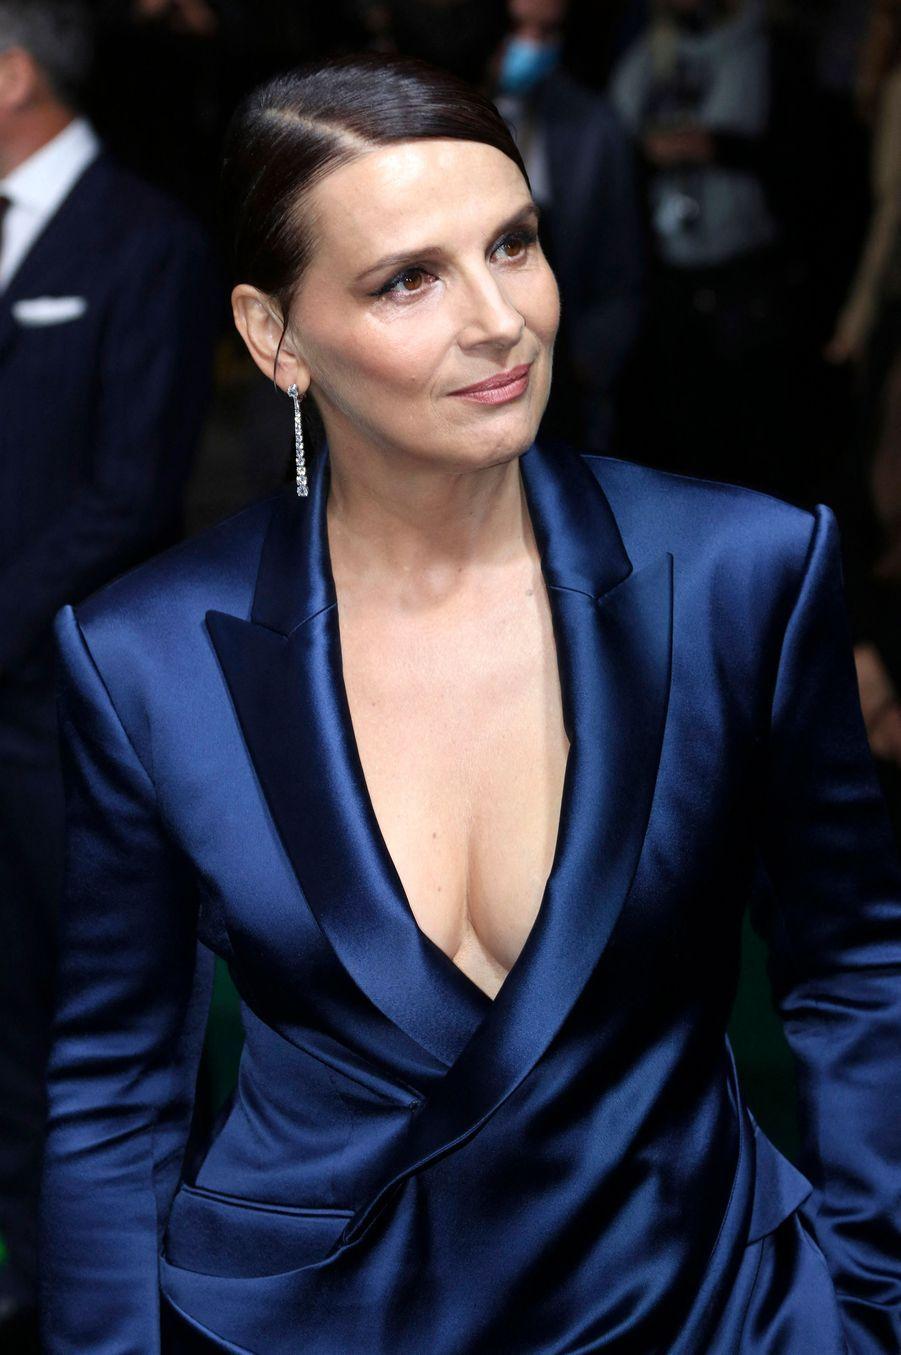 L'actrice française a reçu mercredi une récompense pour l'ensemble de sa carrière à Zurich, en Suisse.